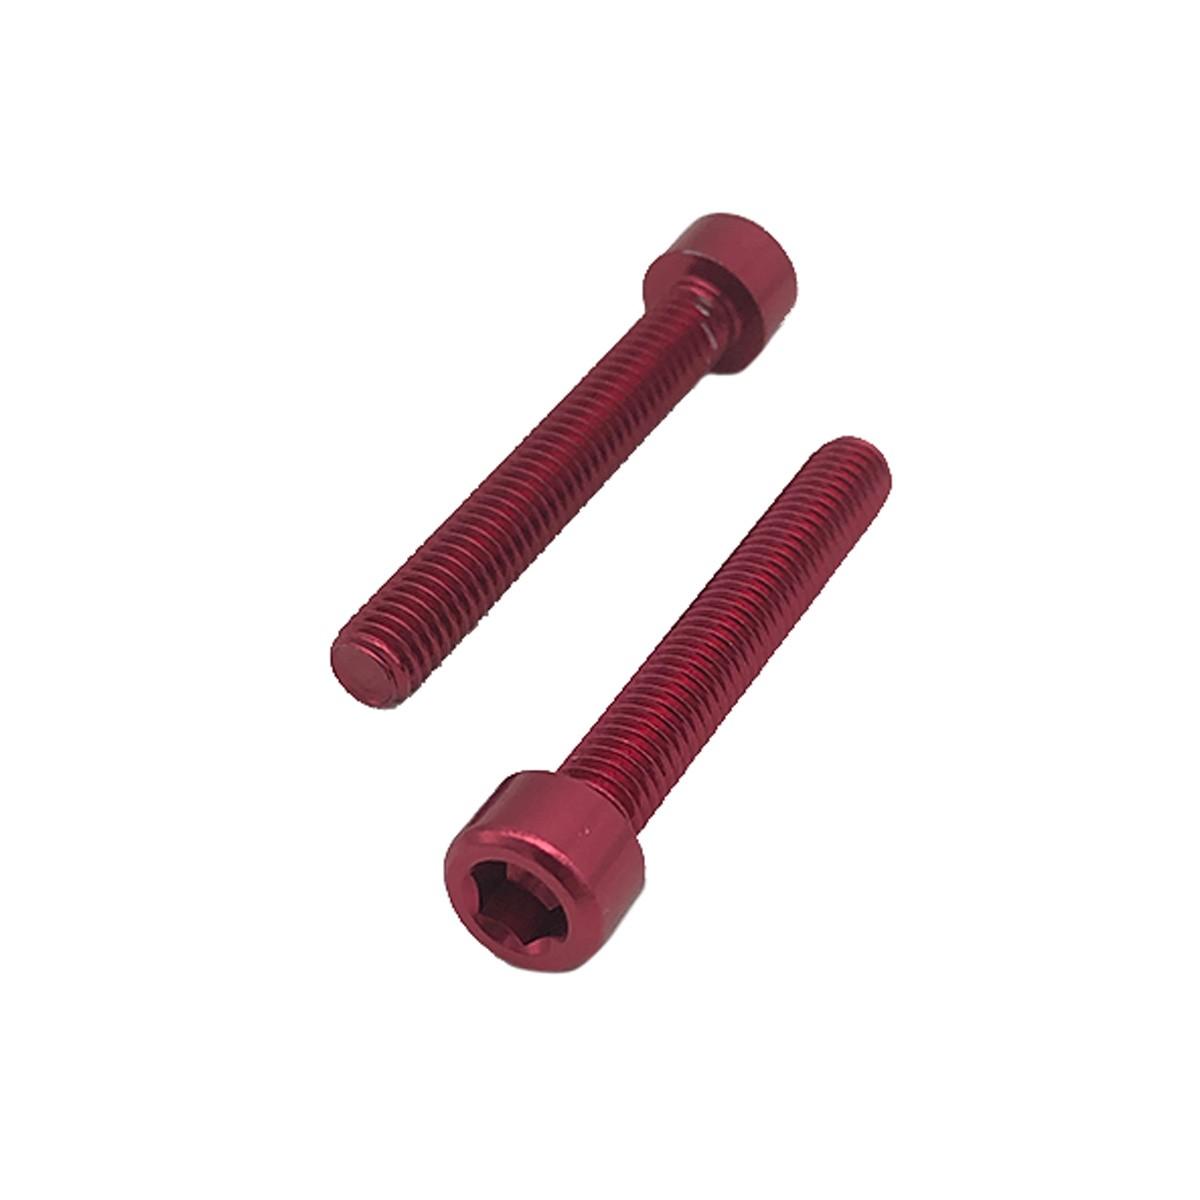 Parafuso Allen de Aluminio Socket Cap M6 x 40mm Vermelho